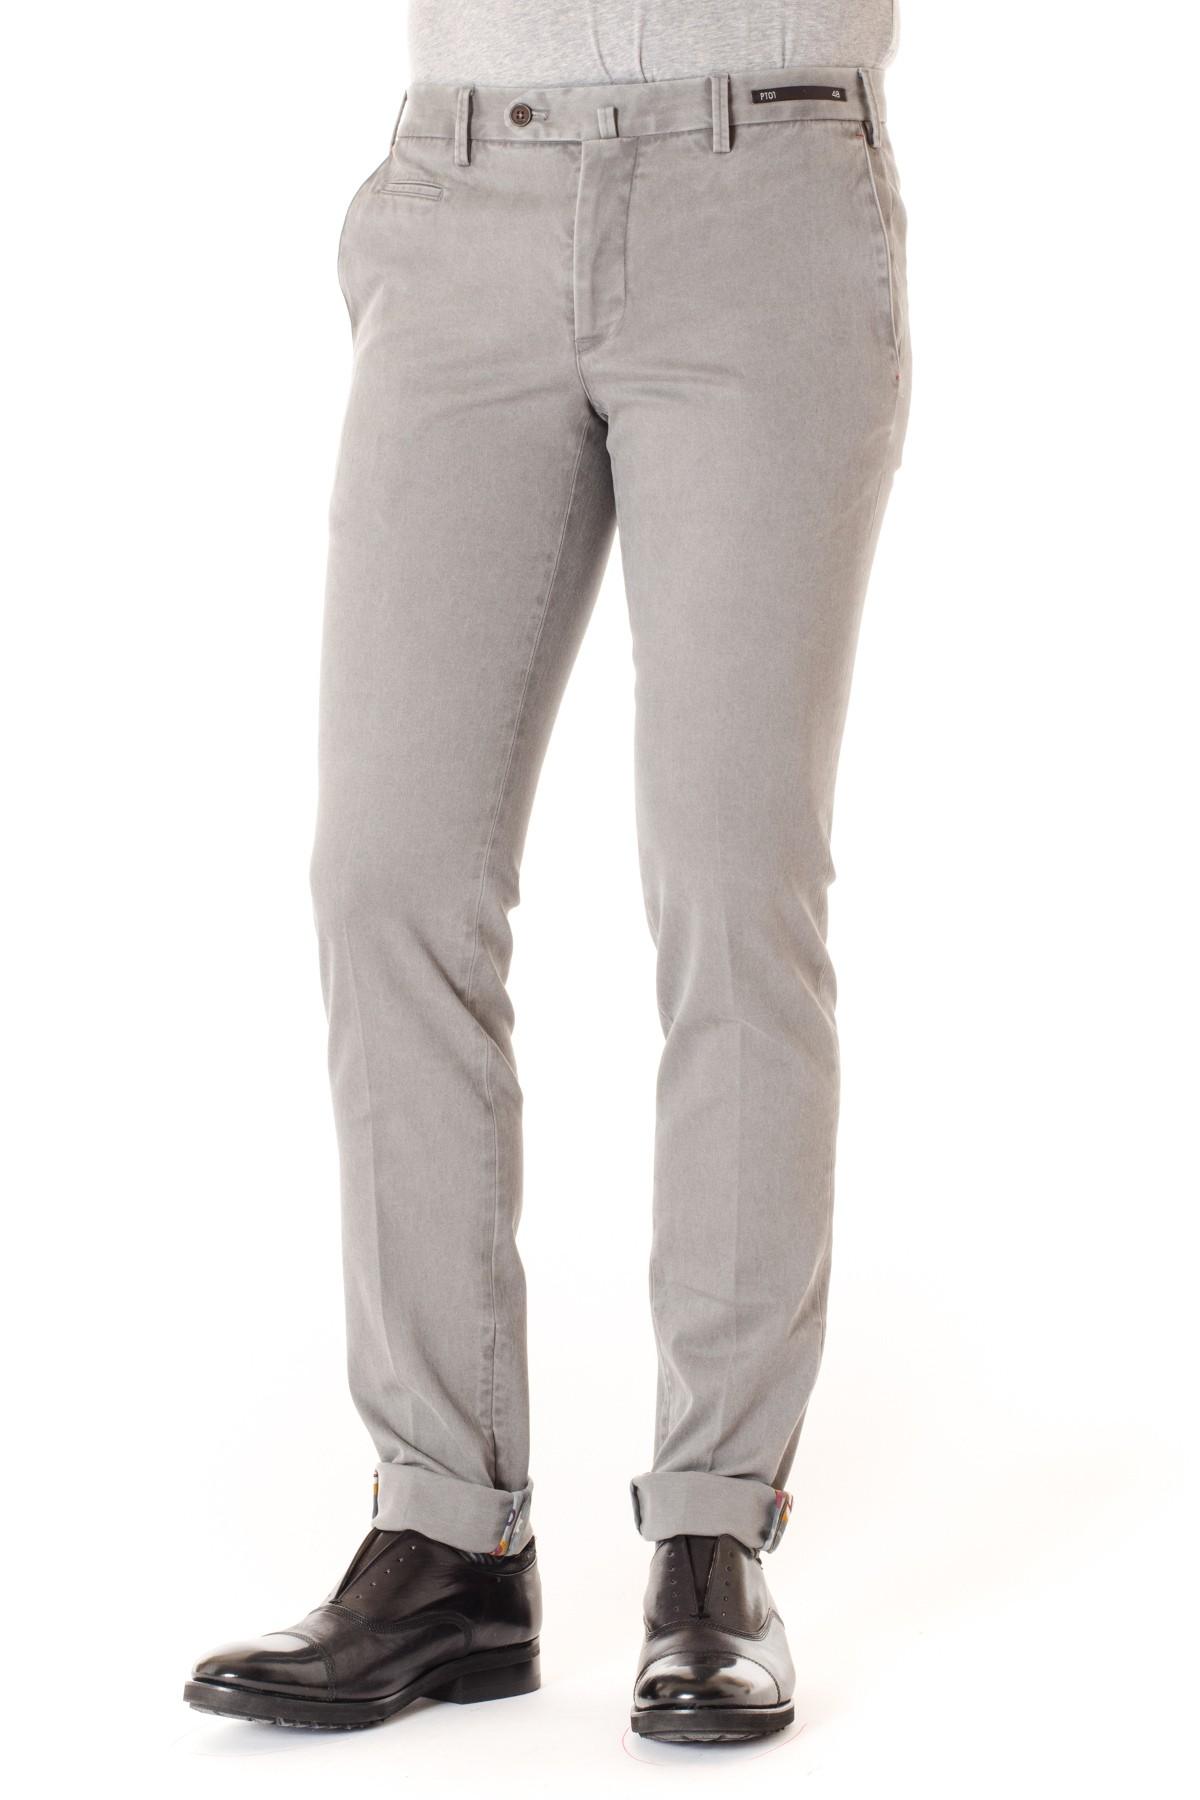 Cotton trousers Super Slim Fit grey PT01 cgjMK